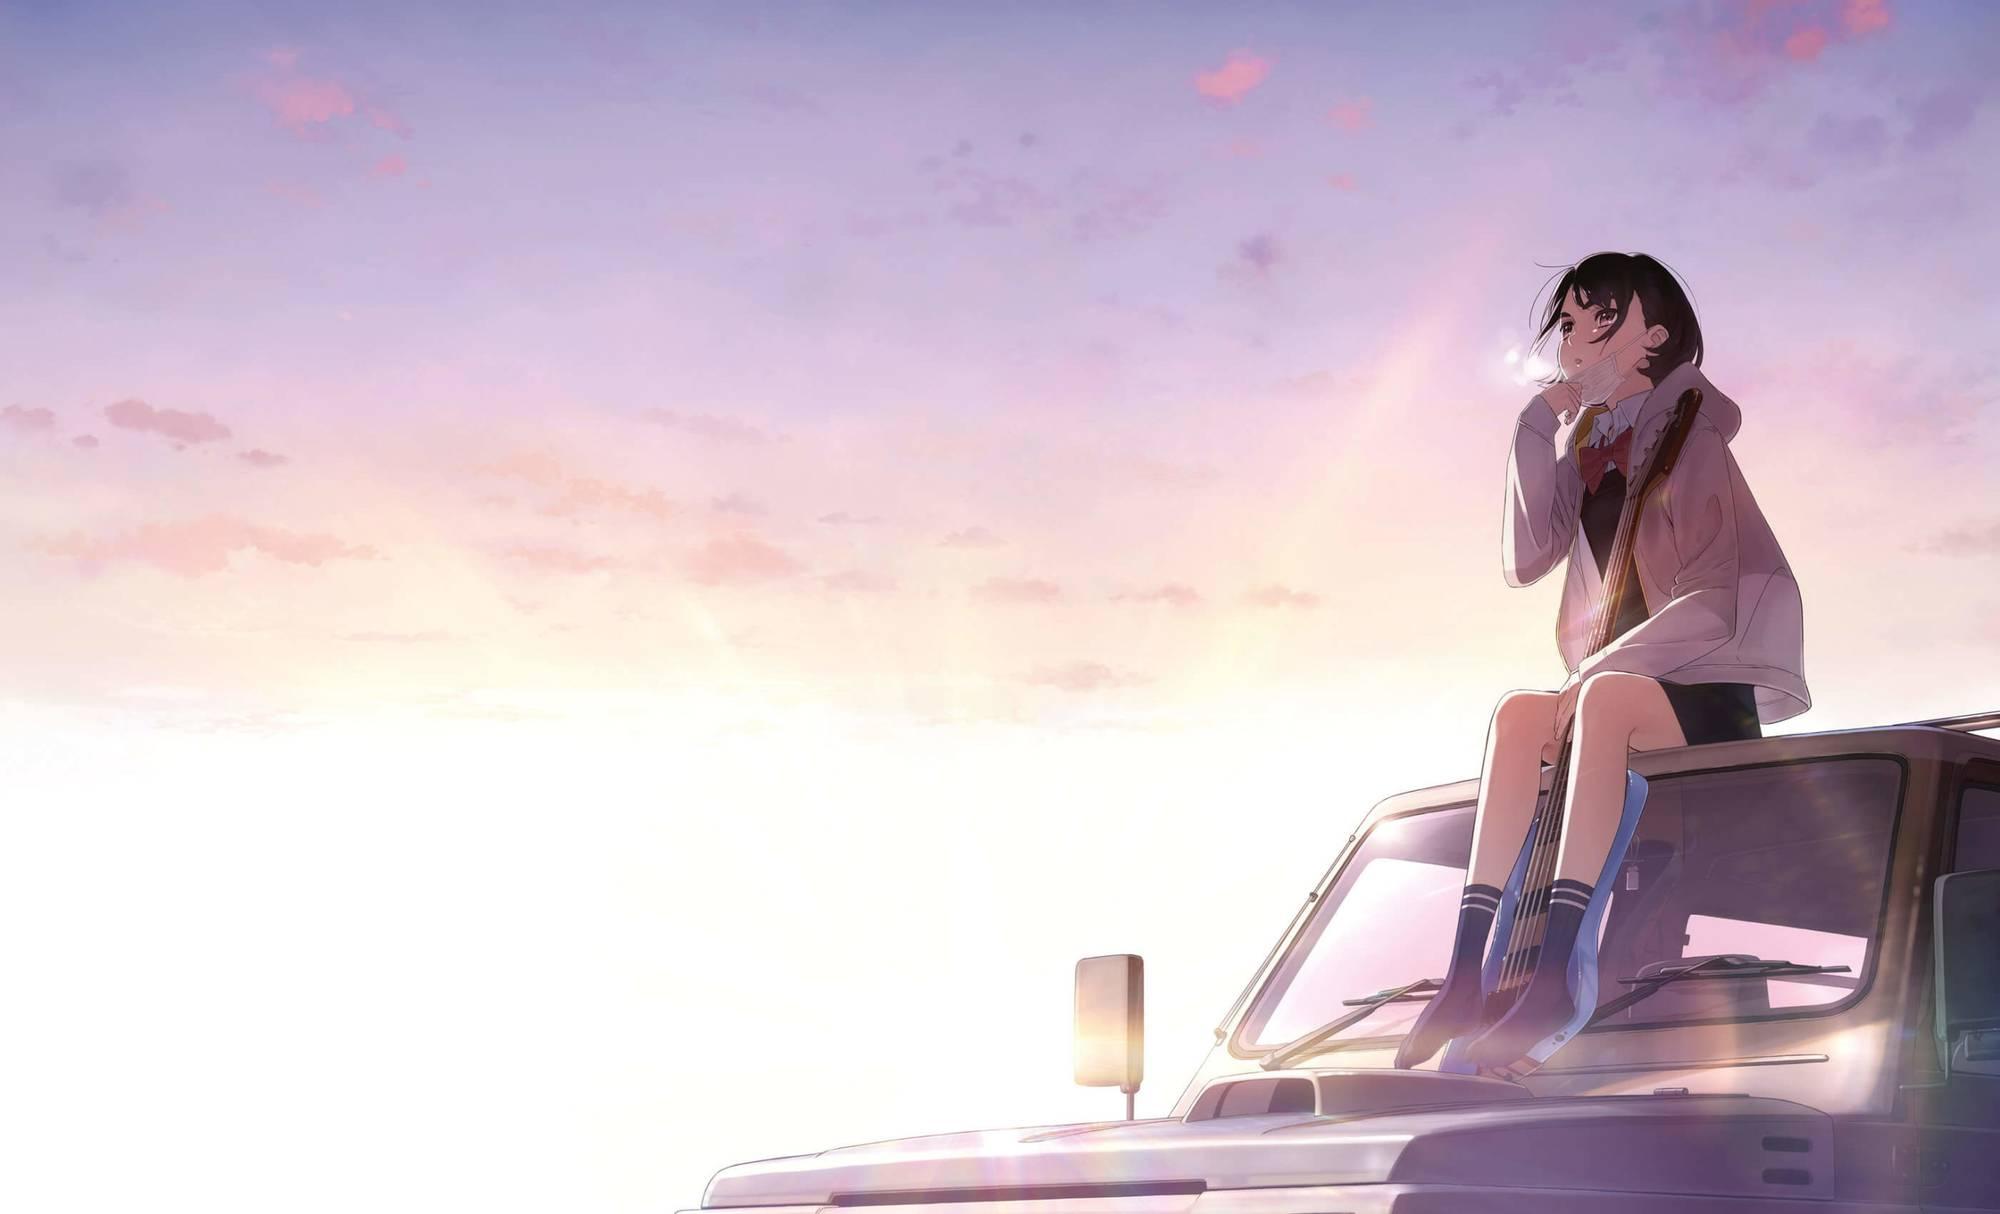 A Te Che Conosci l'Azzurro Del Cielo – Her Blue Sky - Recensione